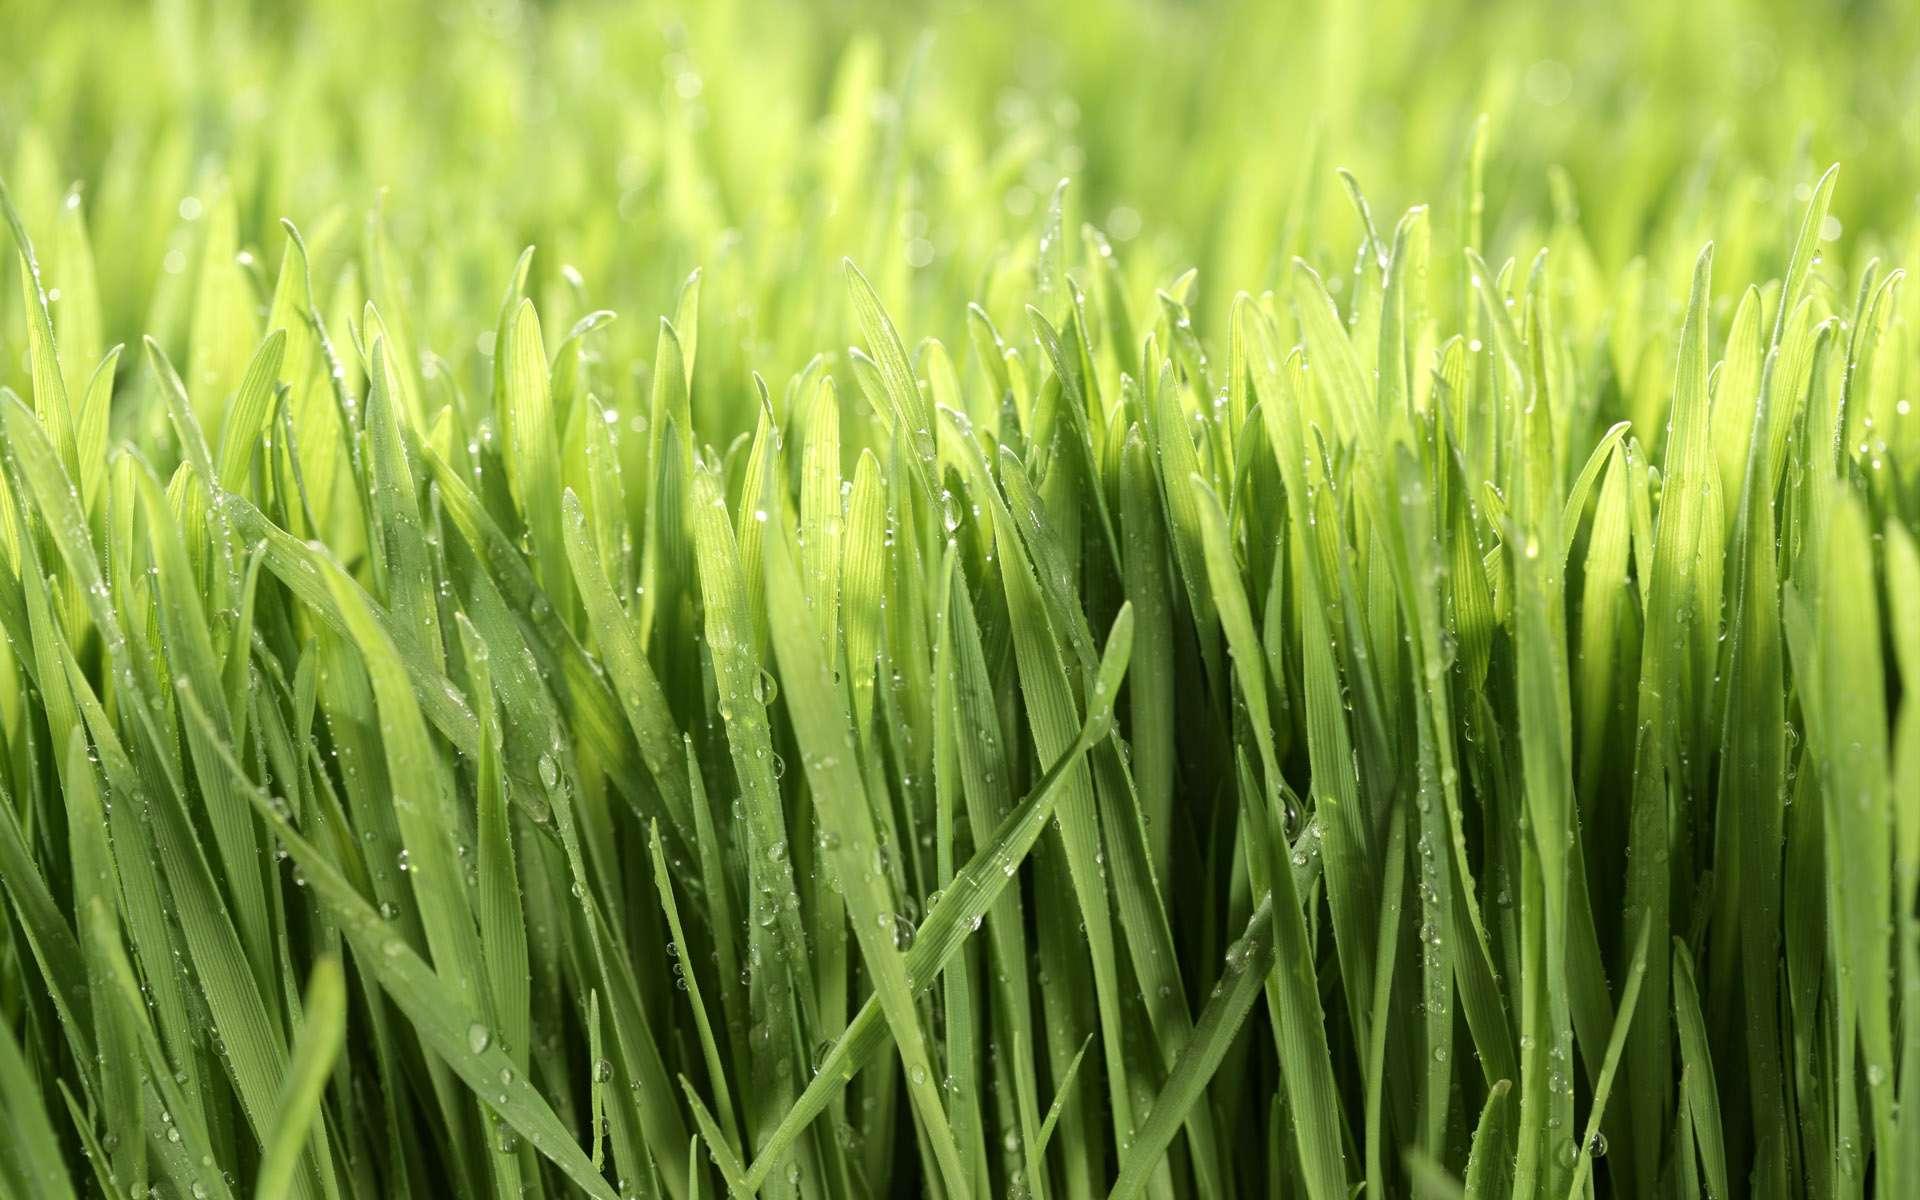 سبزه جو سبزه هاي جوانه گندم گنجینه تصاویر تبيان